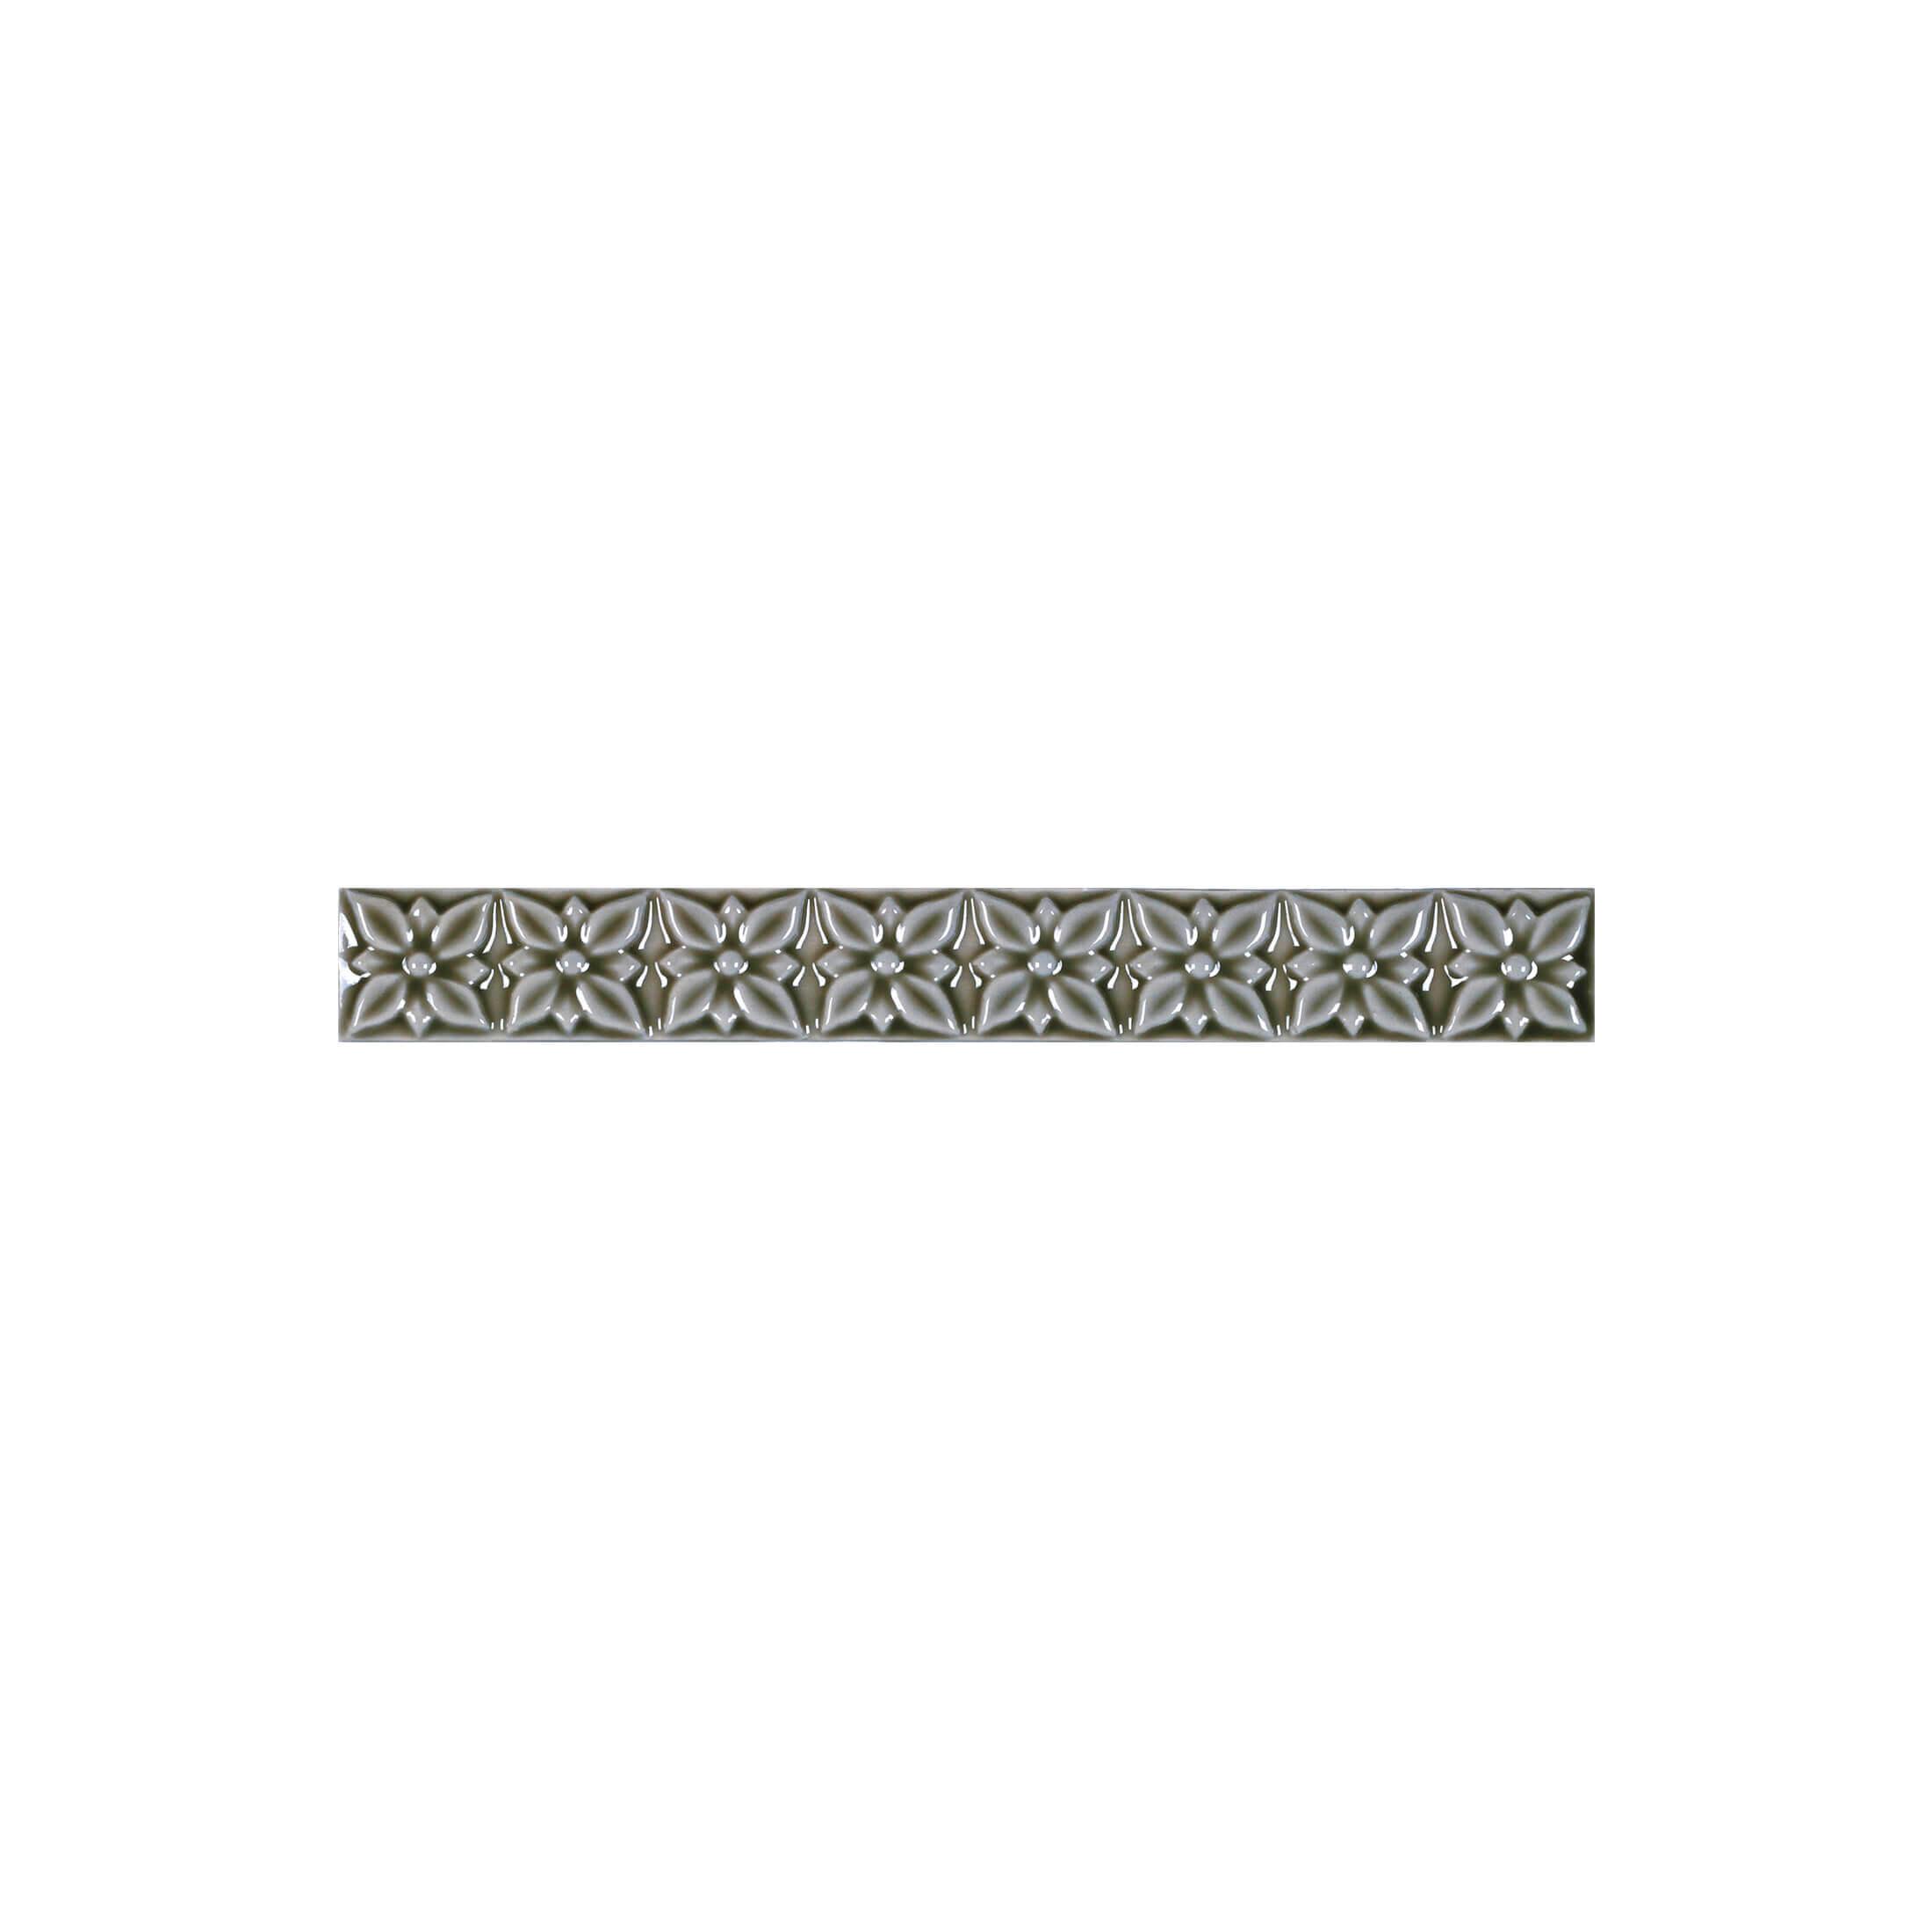 ADST4022 - RELIEVE PONCIANA - 3 cm X 19.8 cm